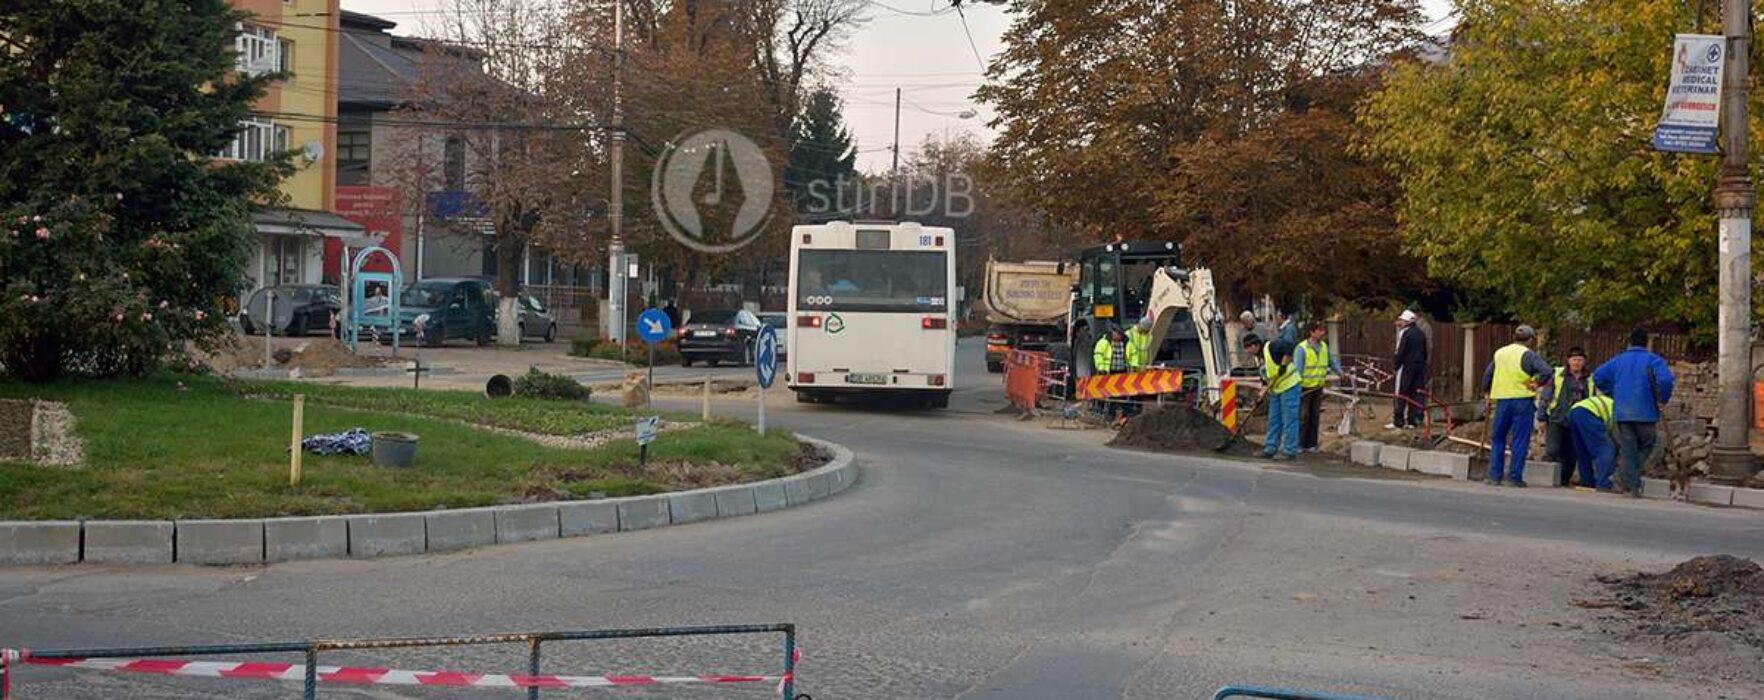 Târgovişte: Restricţii de circulaţie, se asfaltează în unele intersecţii